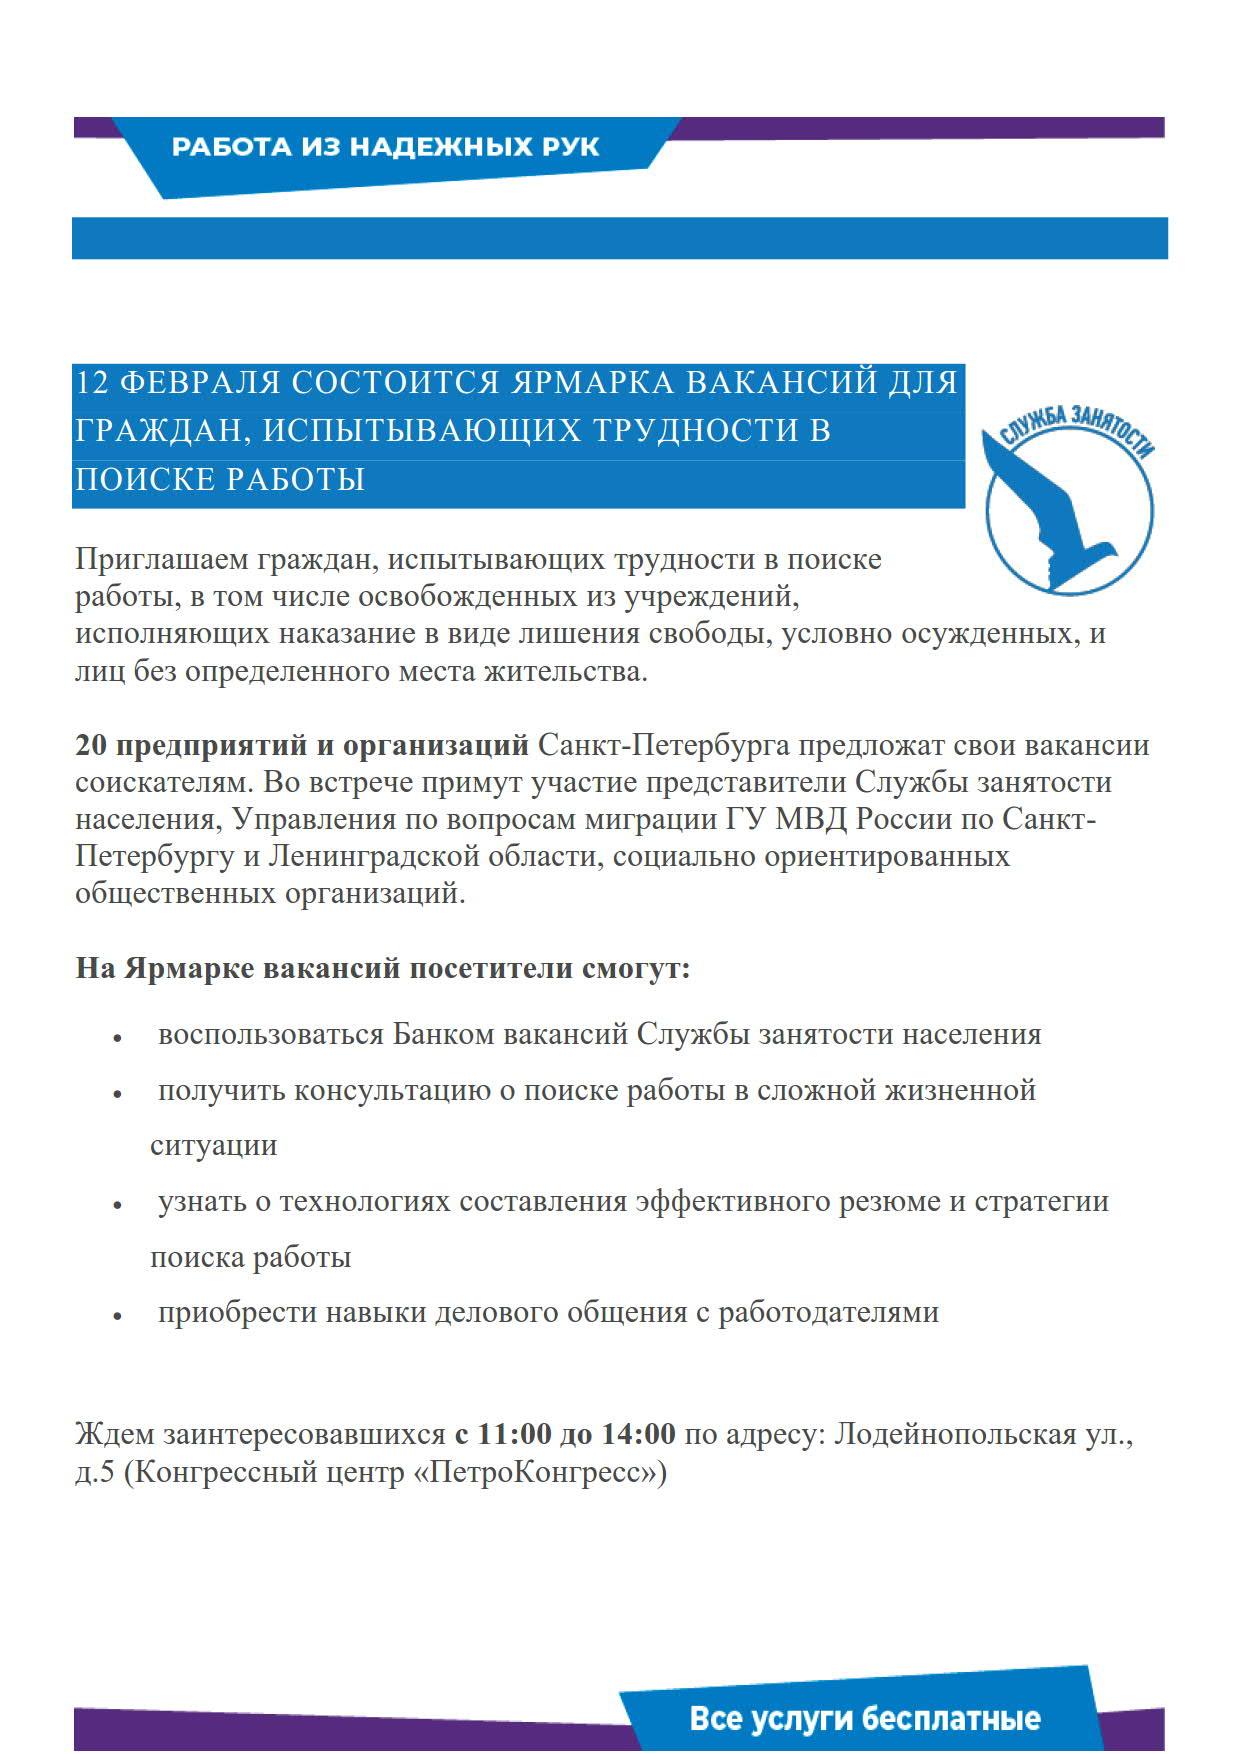 ЯВ ИТПР 12.02.2020_1